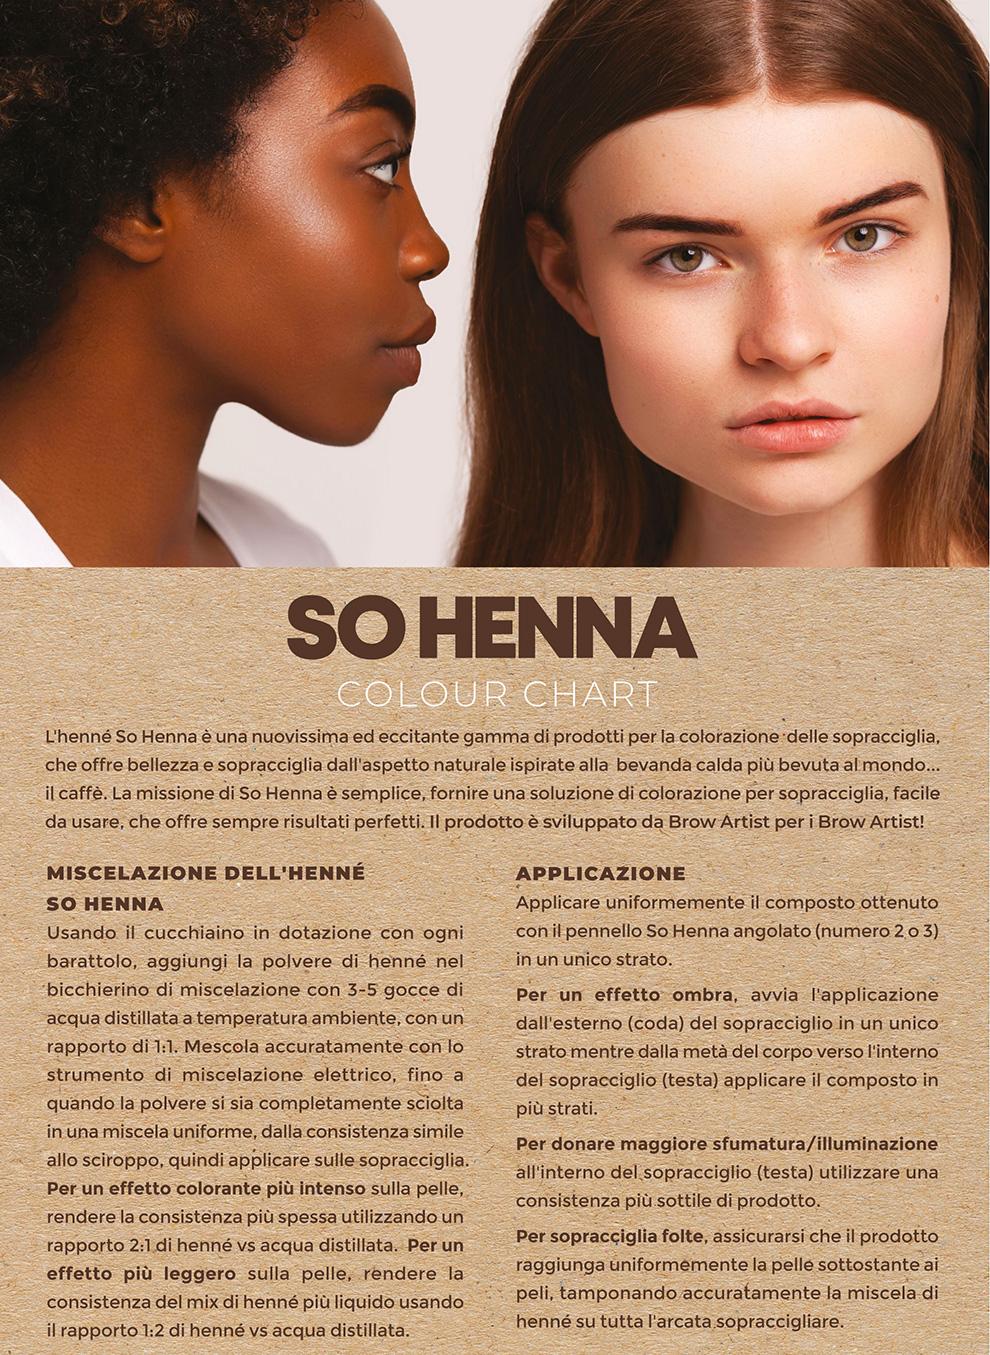 SoHenna